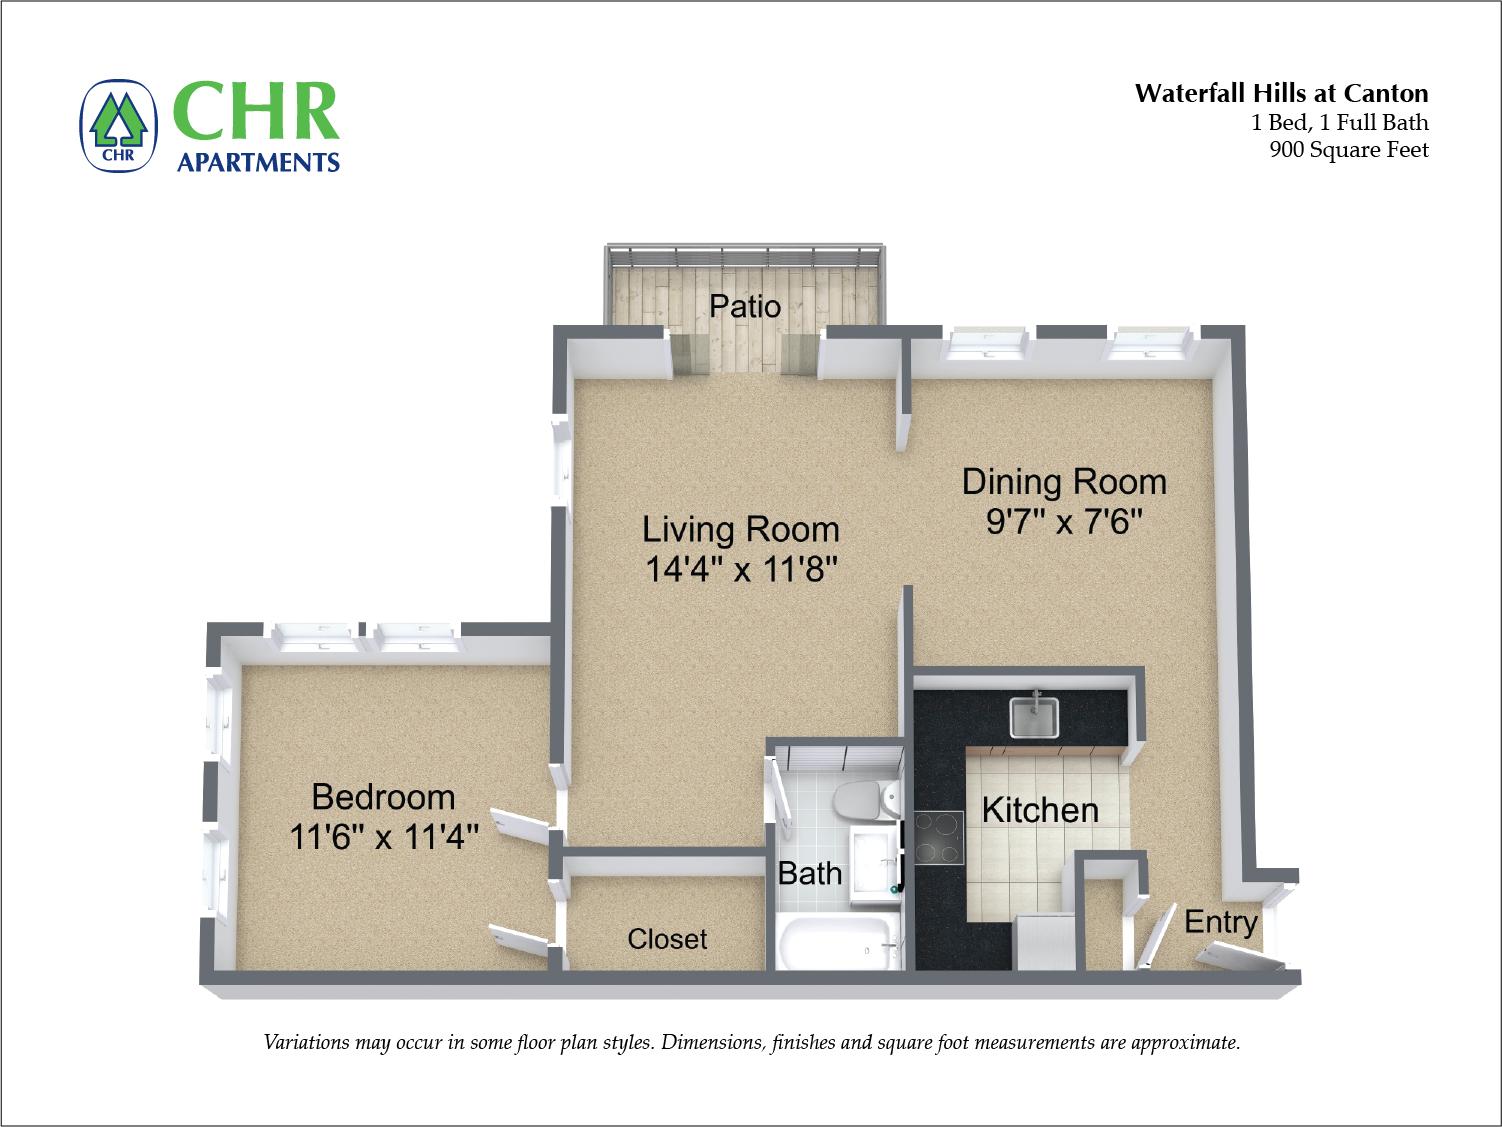 Floor plan 1 Bedroom image 3